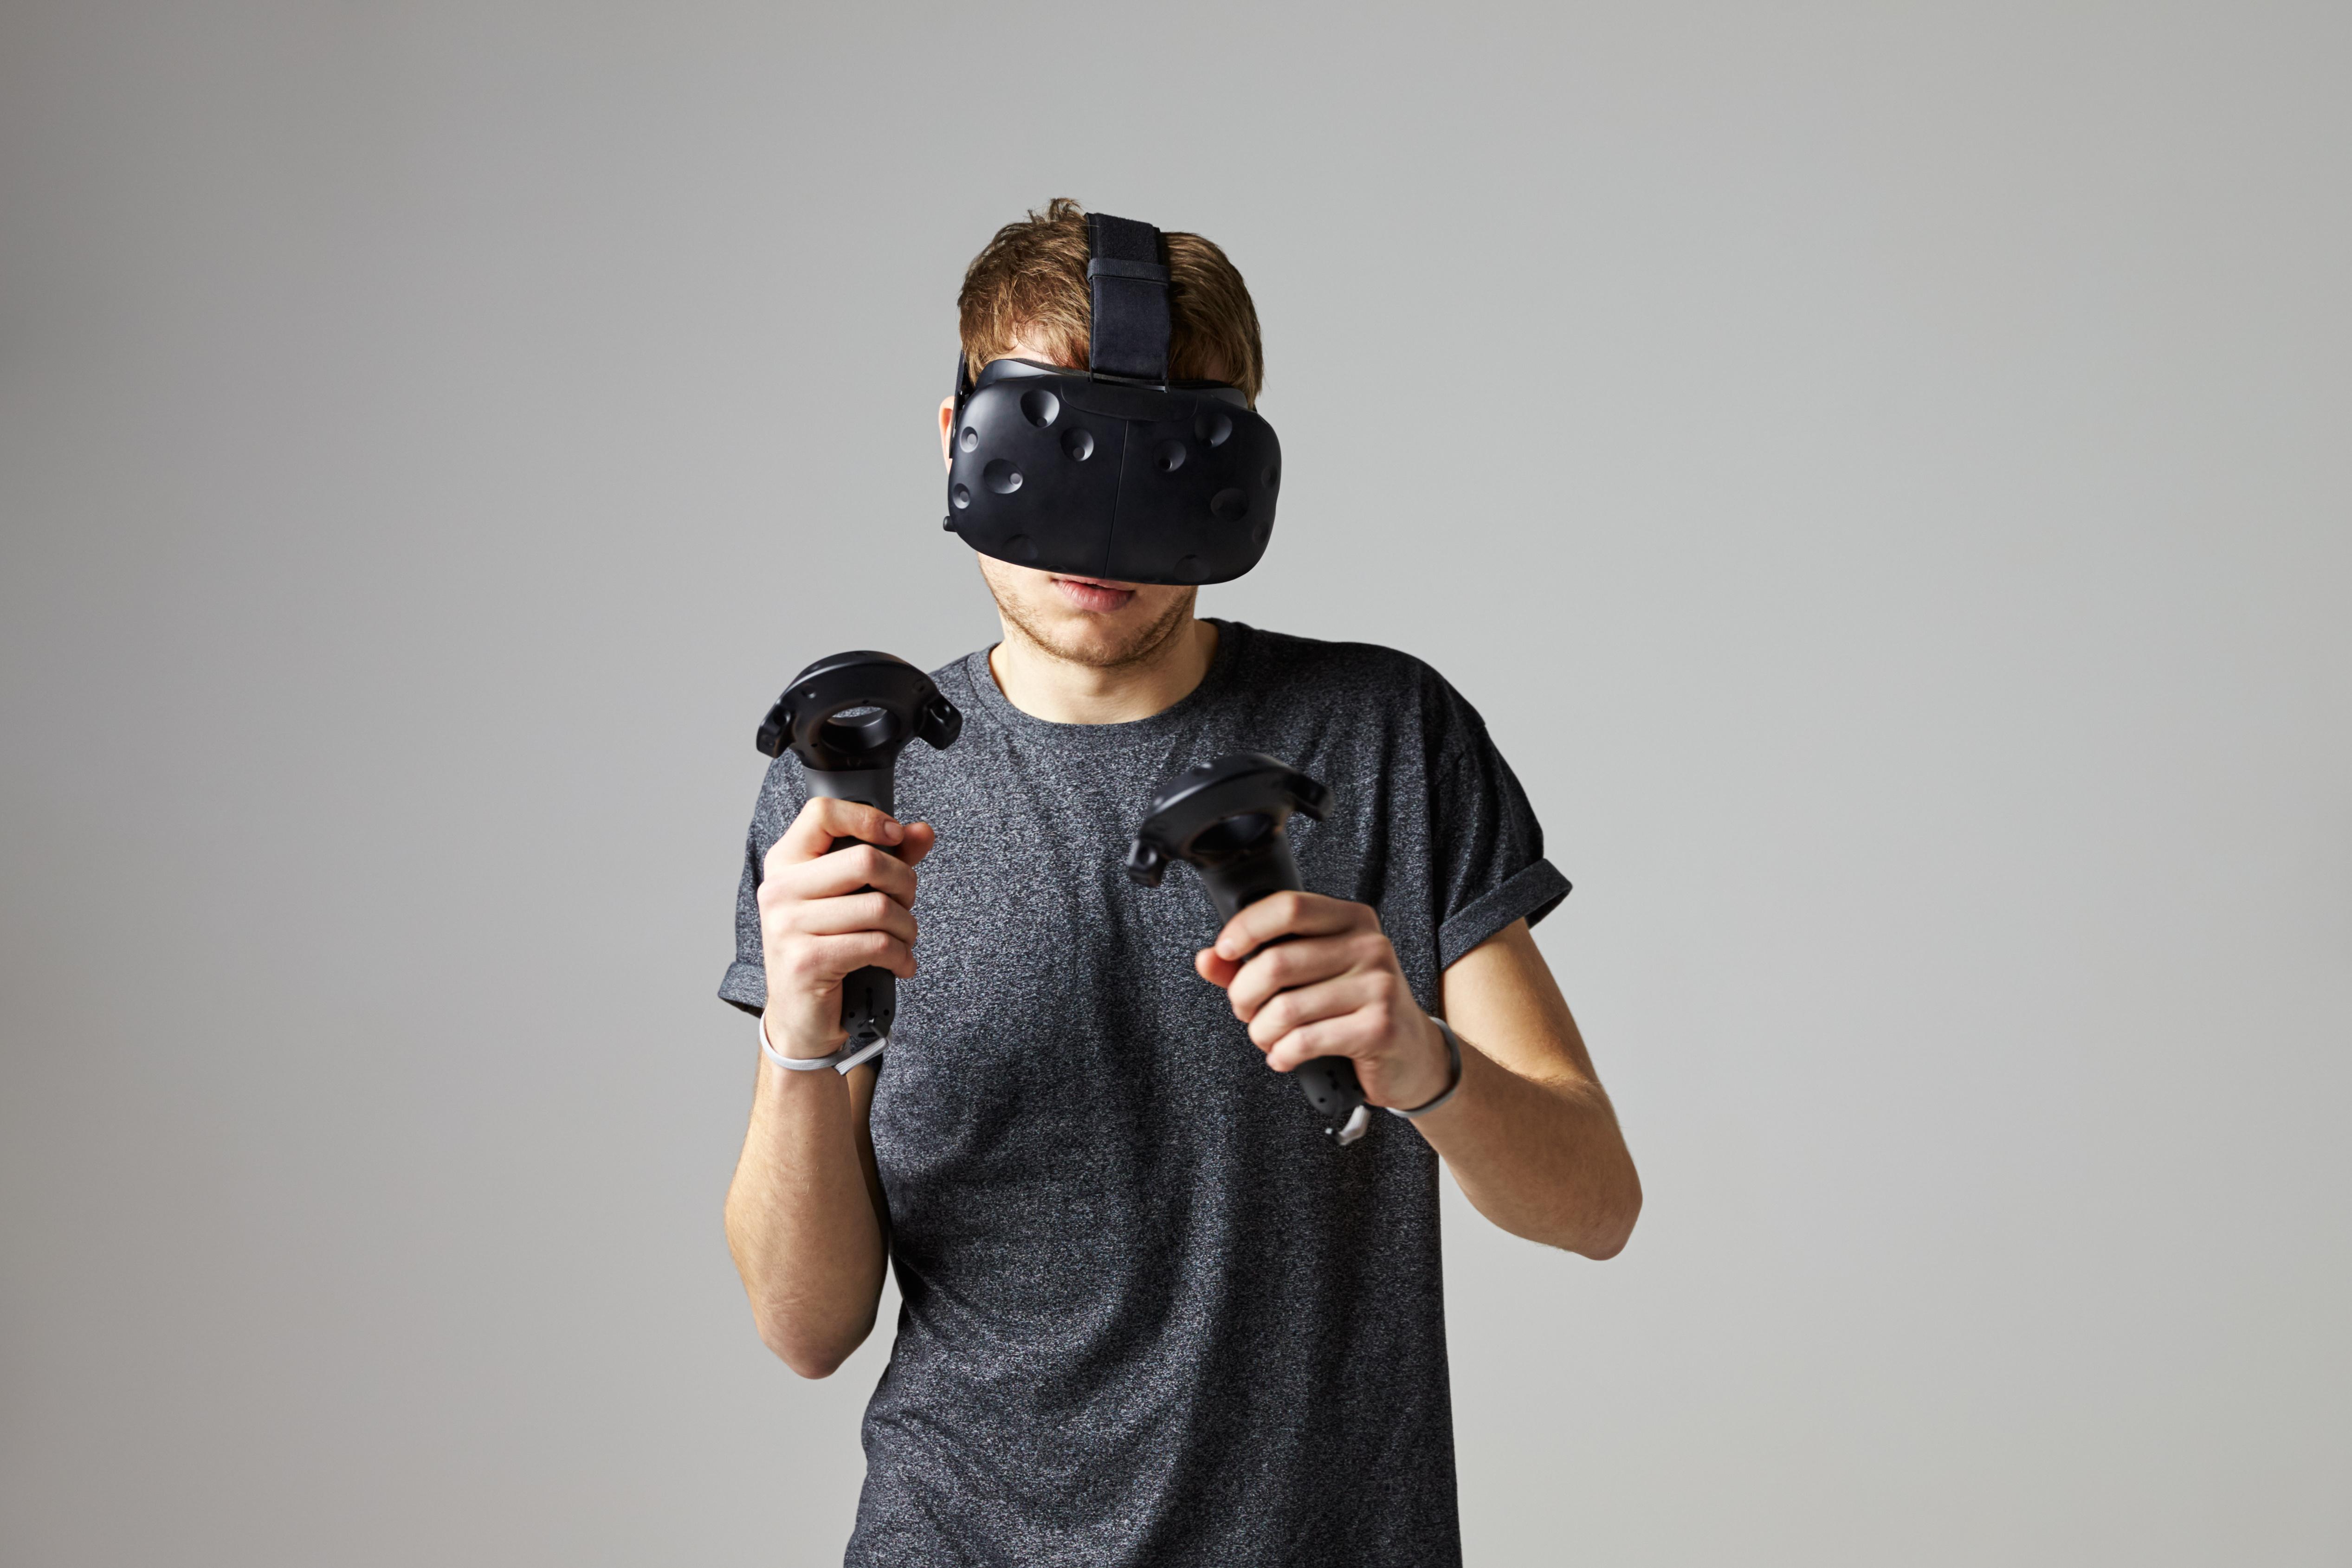 Man In Studio Wearing Virtual Reality Headset Playing Game